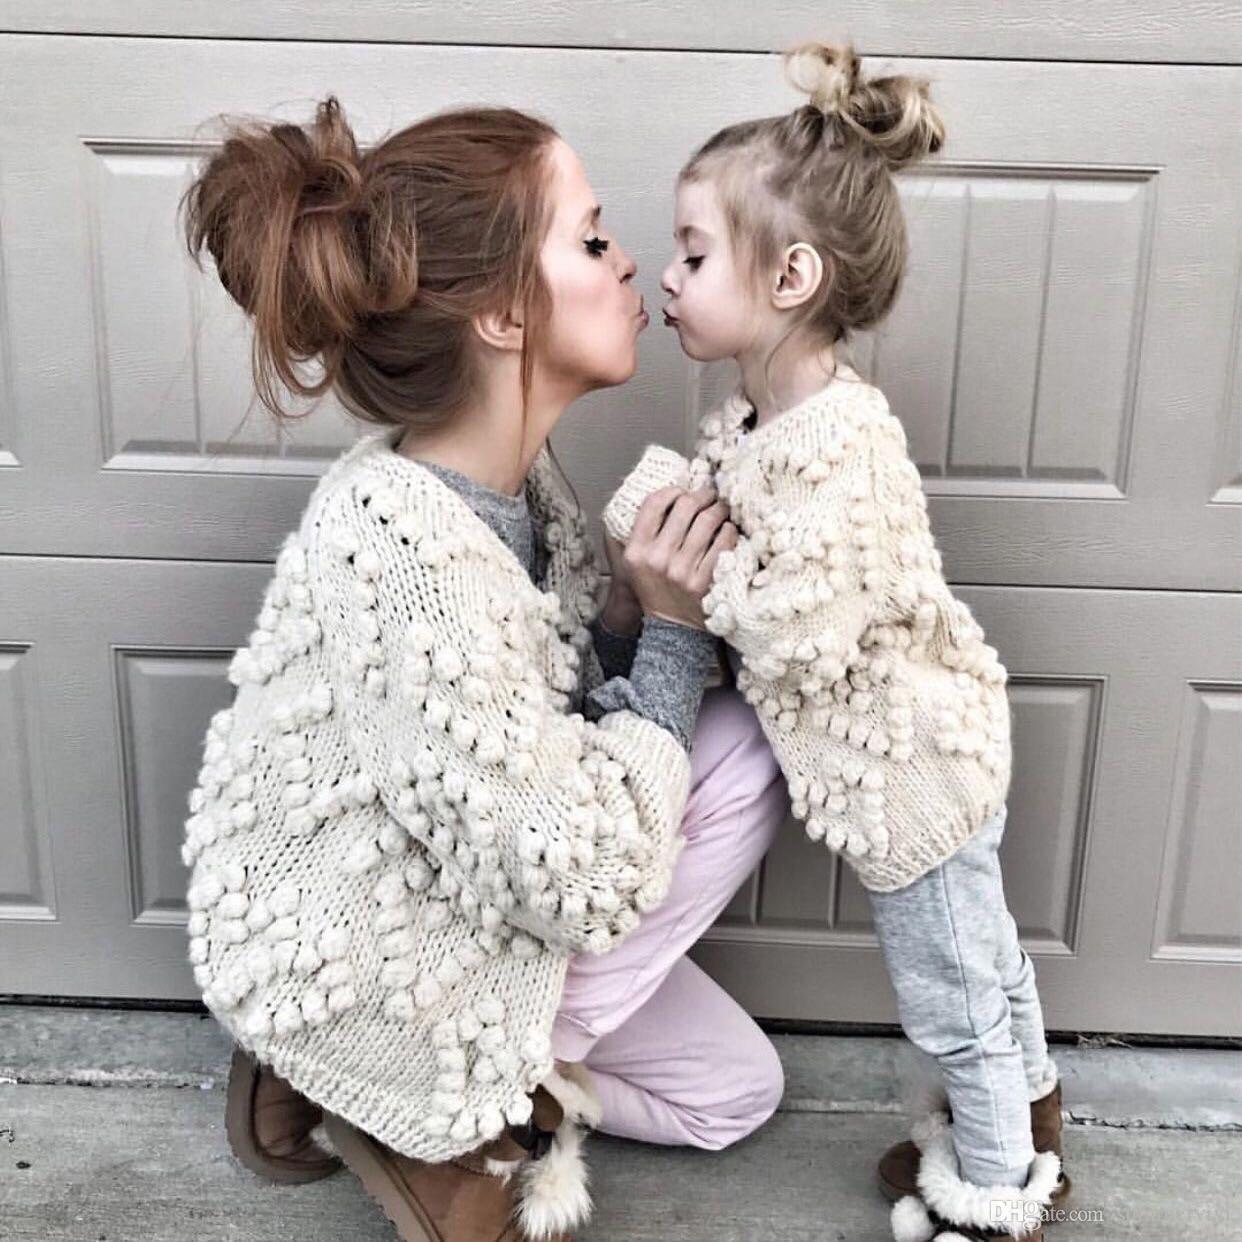 Çocuklar Hırka Kızlar Aşk Kalp Ponpons Aplike Prenses Dış Giyim Çocuk Örgü Kazak Anne ve Kızı Eşleştirme Kıyafetler J1069